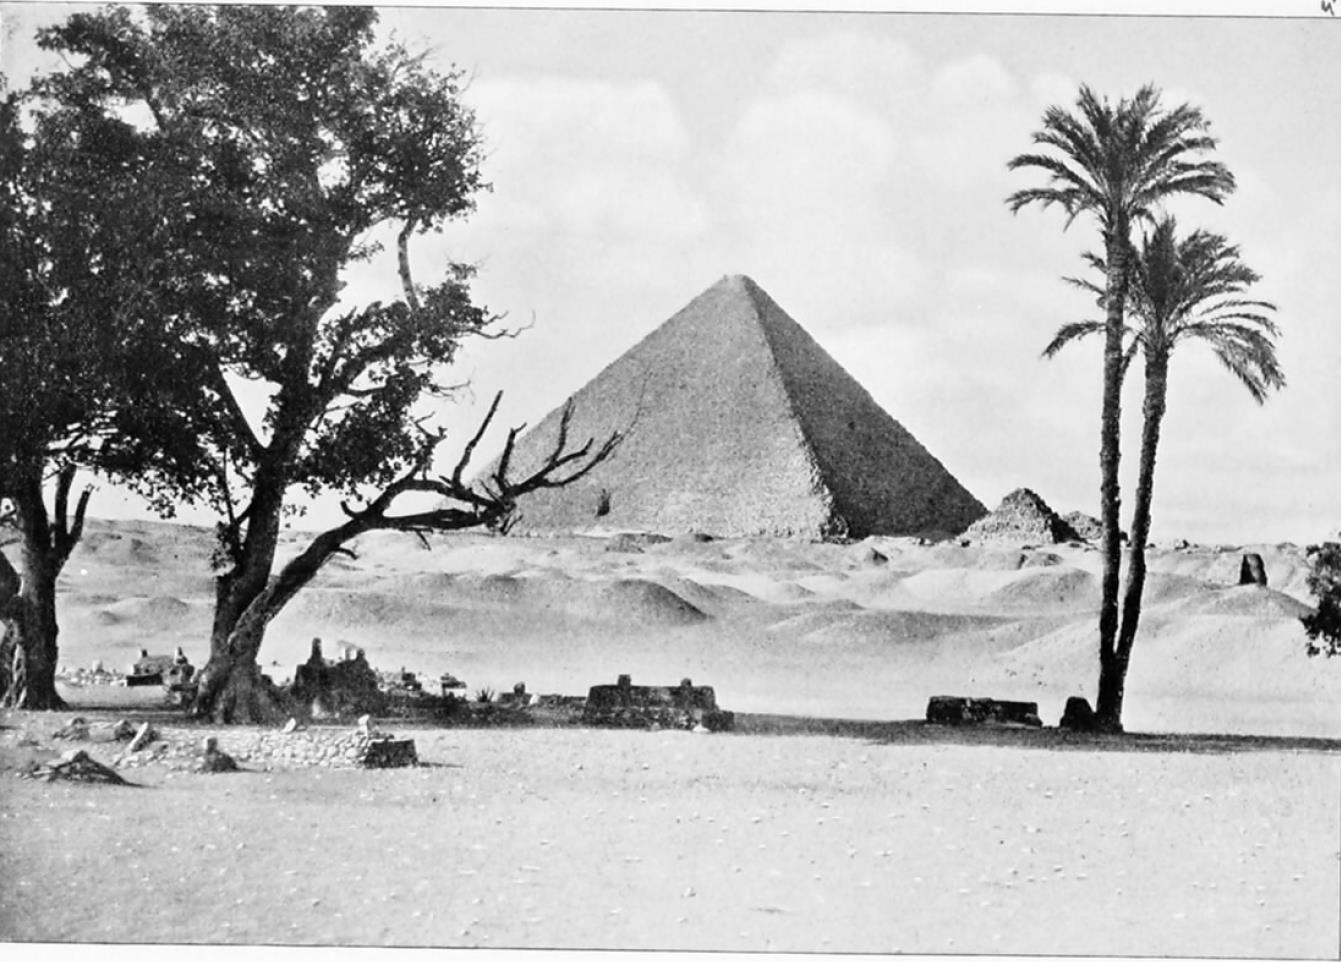 Гиза. Вид на Великую пирамиду из пустыни